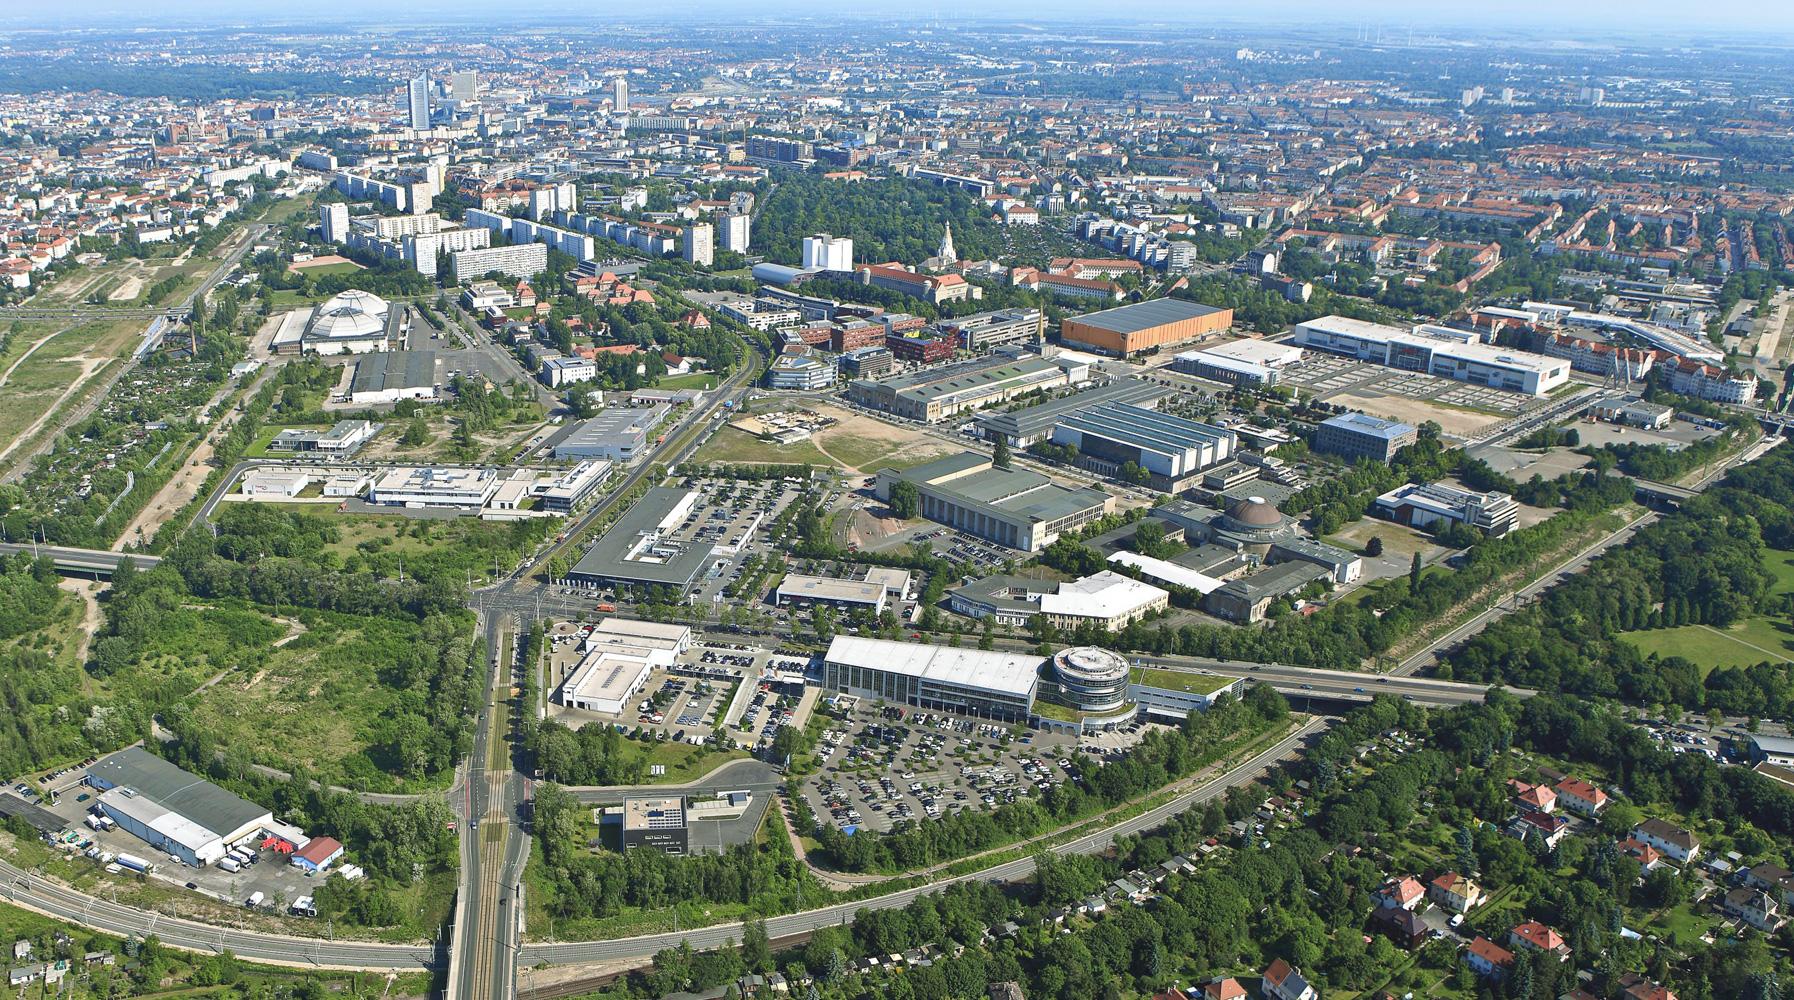 Luftbild Verkauf und Vermietung Alte Messe Leipzig